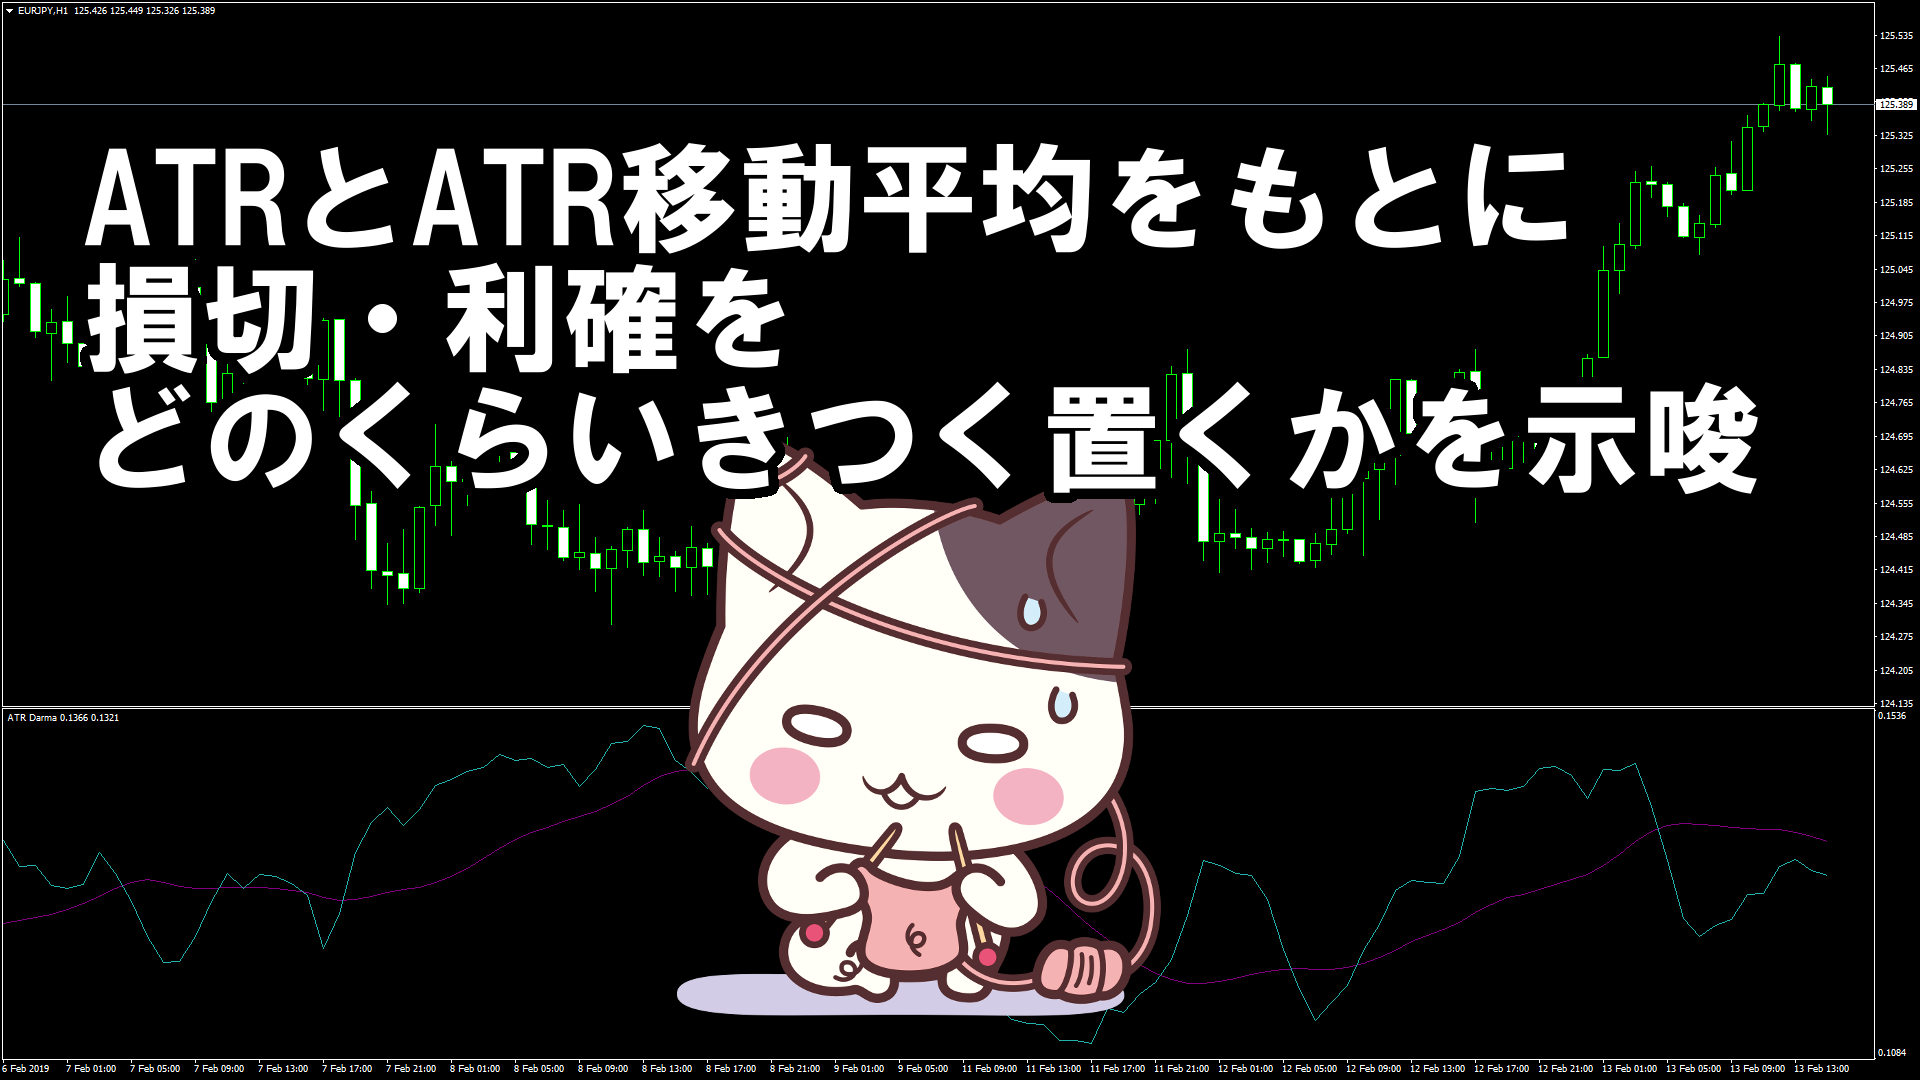 ATRとATR移動平均をもとに損切・利確をどのくらいきつく置くかを示唆するMT4インジケーター『ATR Darma』